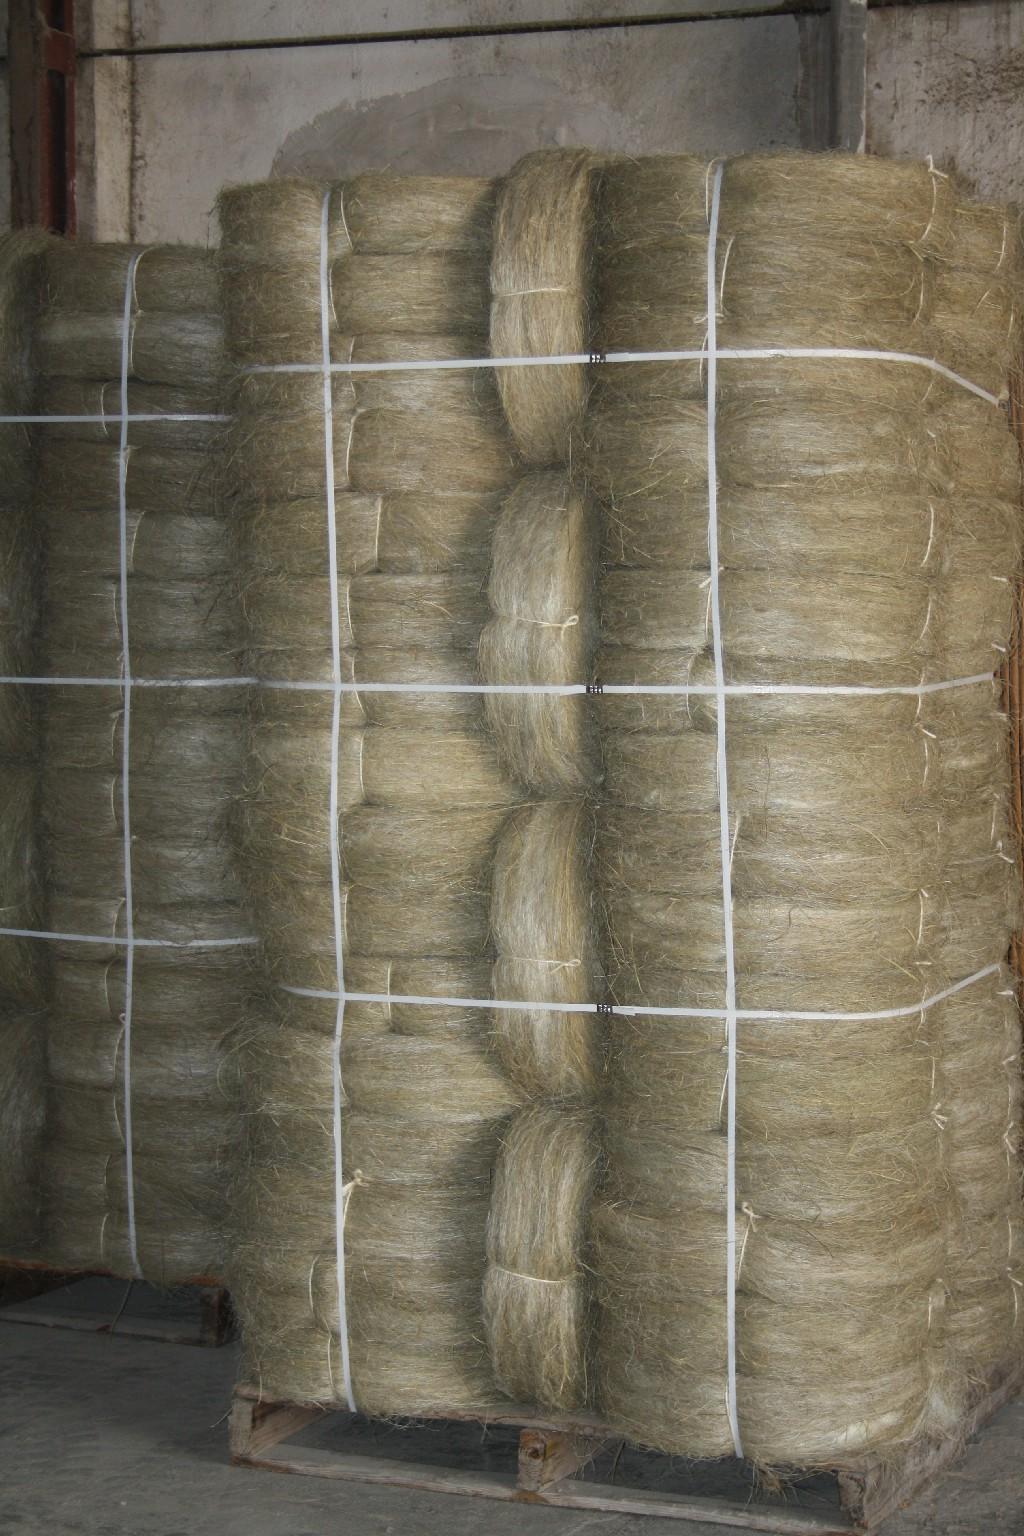 esparto agrcola esparto cocido y picado para uso agrcola as como para artesanal de alfombras y cestos decorativos